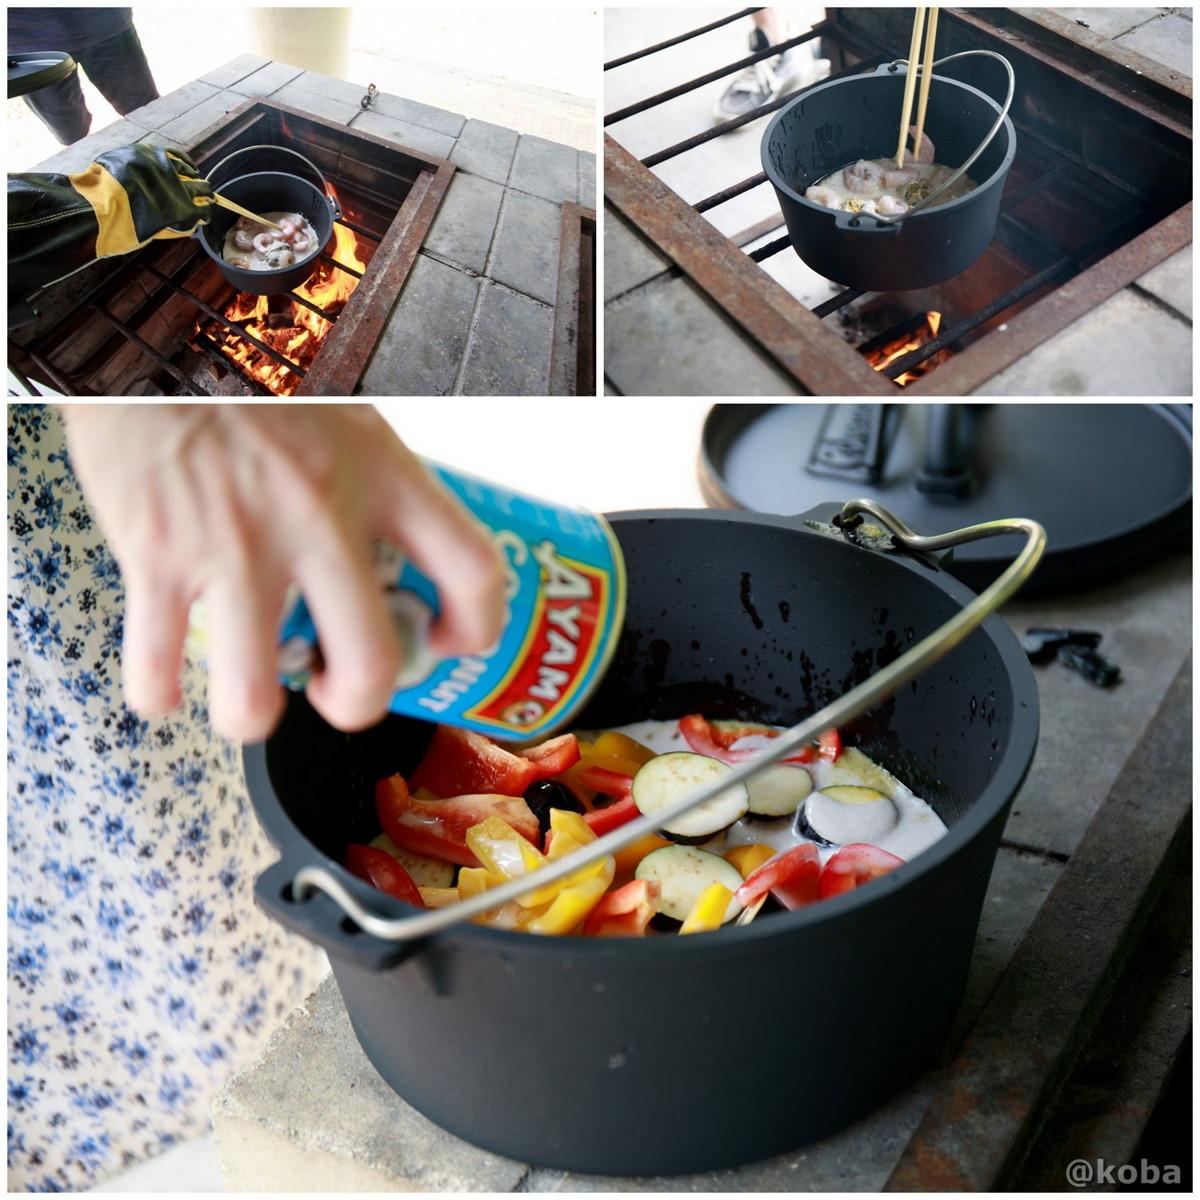 グリーンカレー作り方 炉の使い方 ダッチオーブン